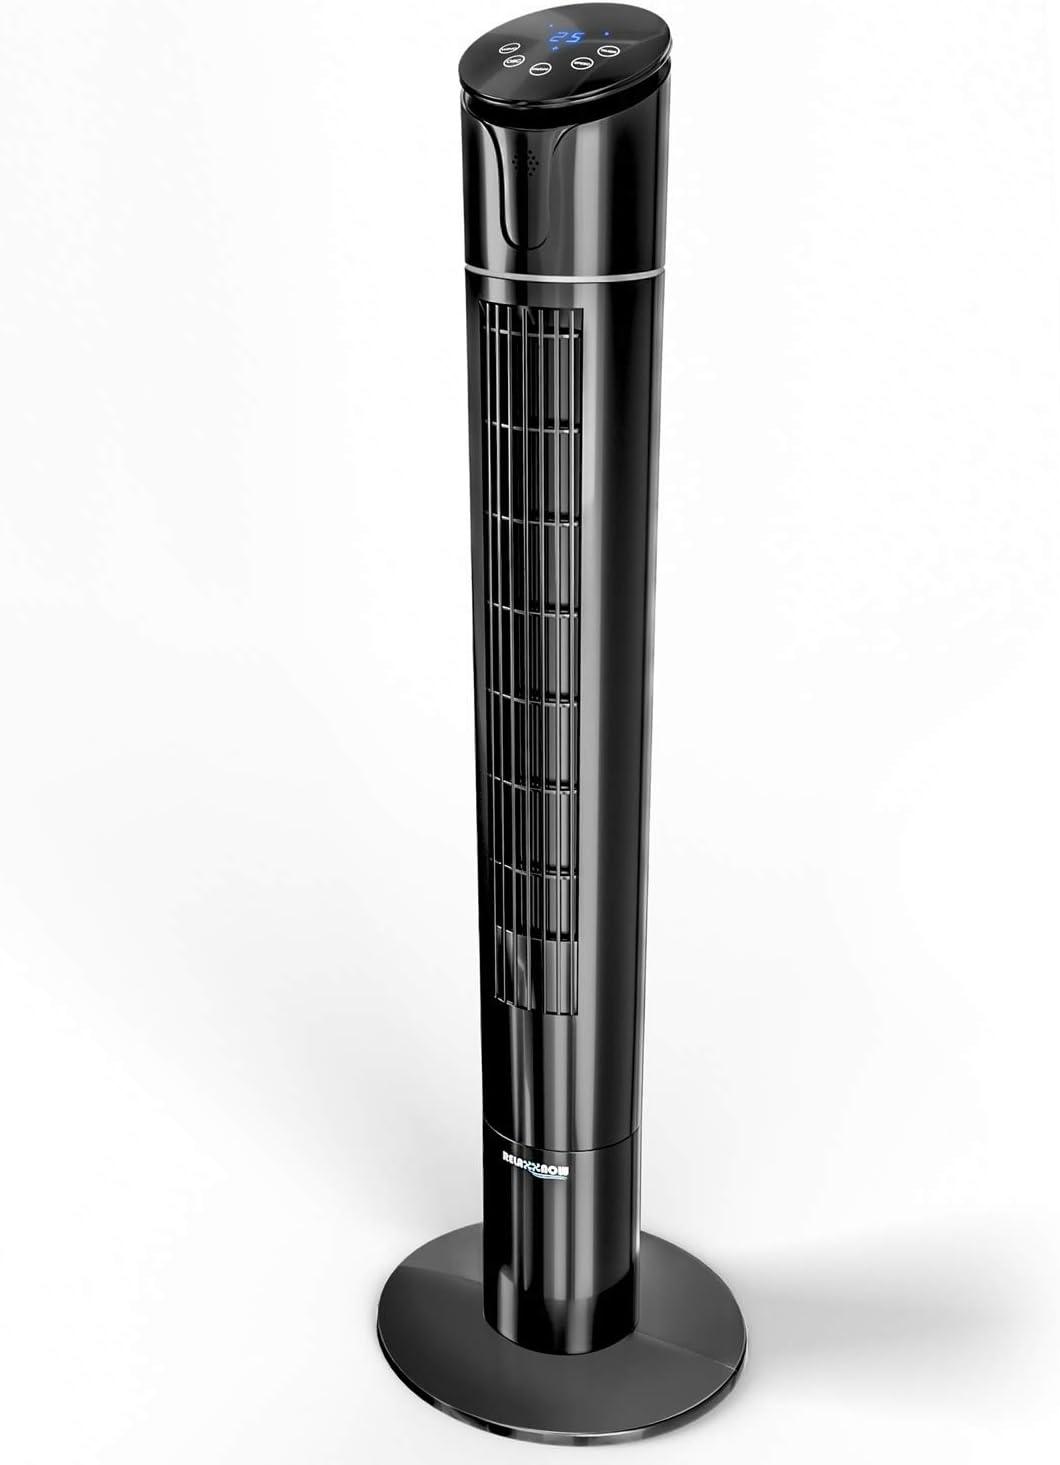 RelaxxNow Ventilador de Torre táctil de 50W Multi Sensor Muestra Temperatura   Ventilador Torre silencioso de 110 cm con Mando a Distancia   Oscilación 60° + 4 Modos   Marca de Calidad Alemana VTX450